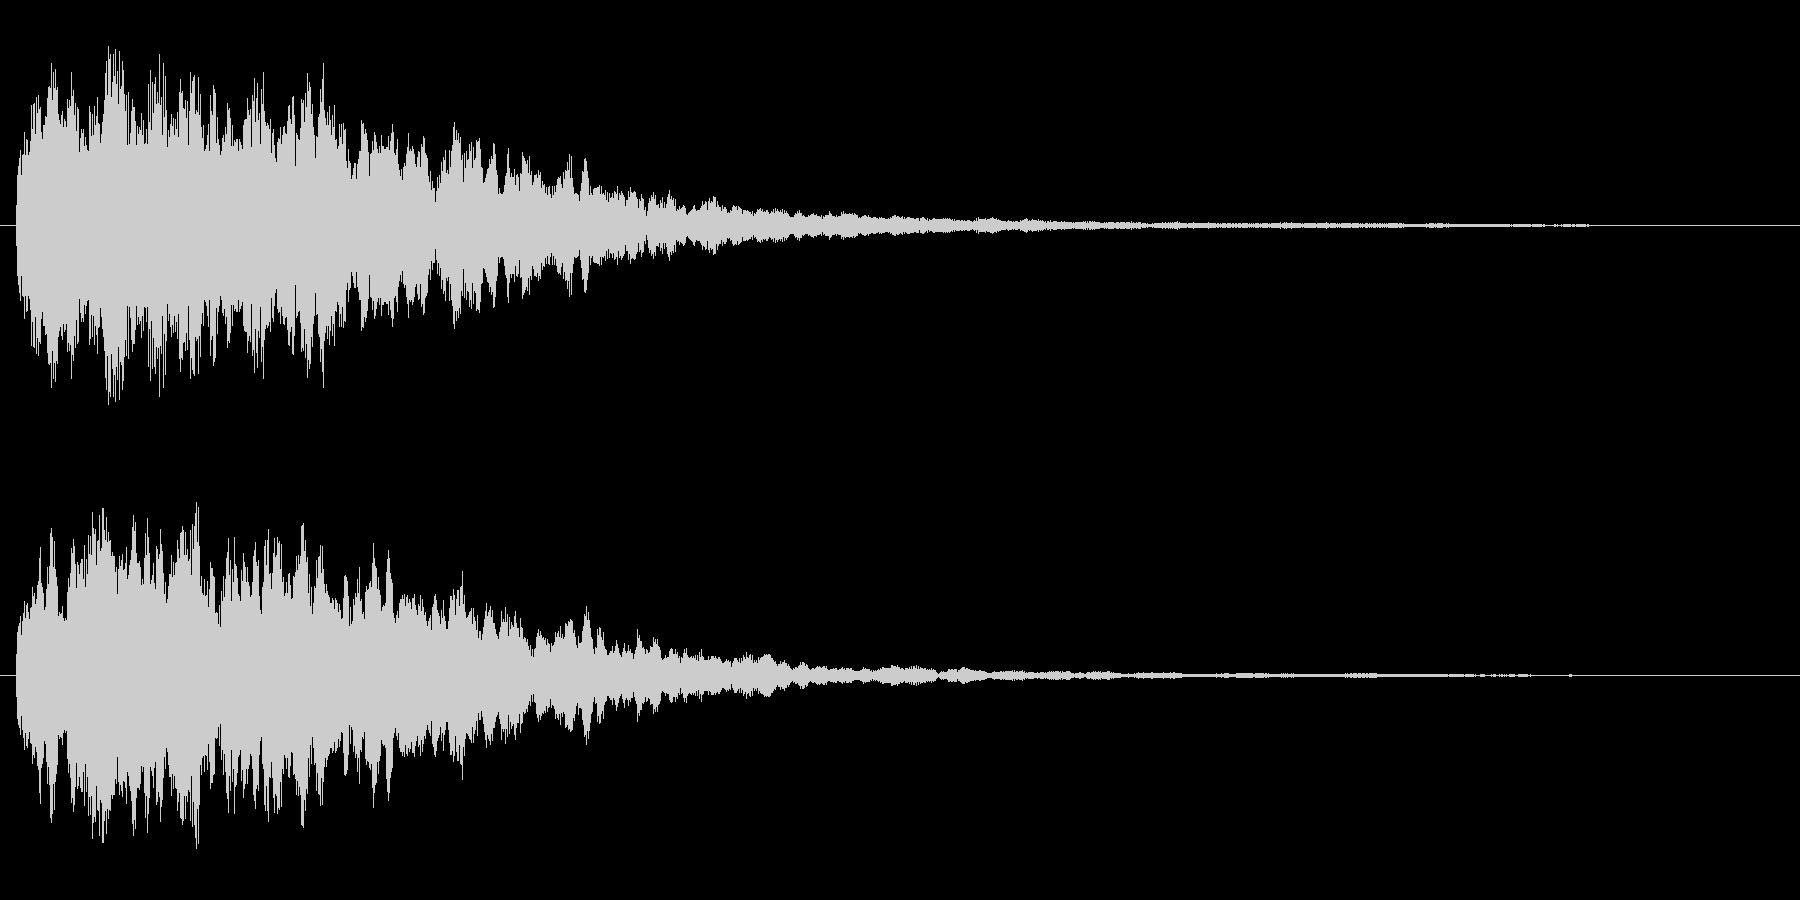 きらきら系(きれいな音)の未再生の波形